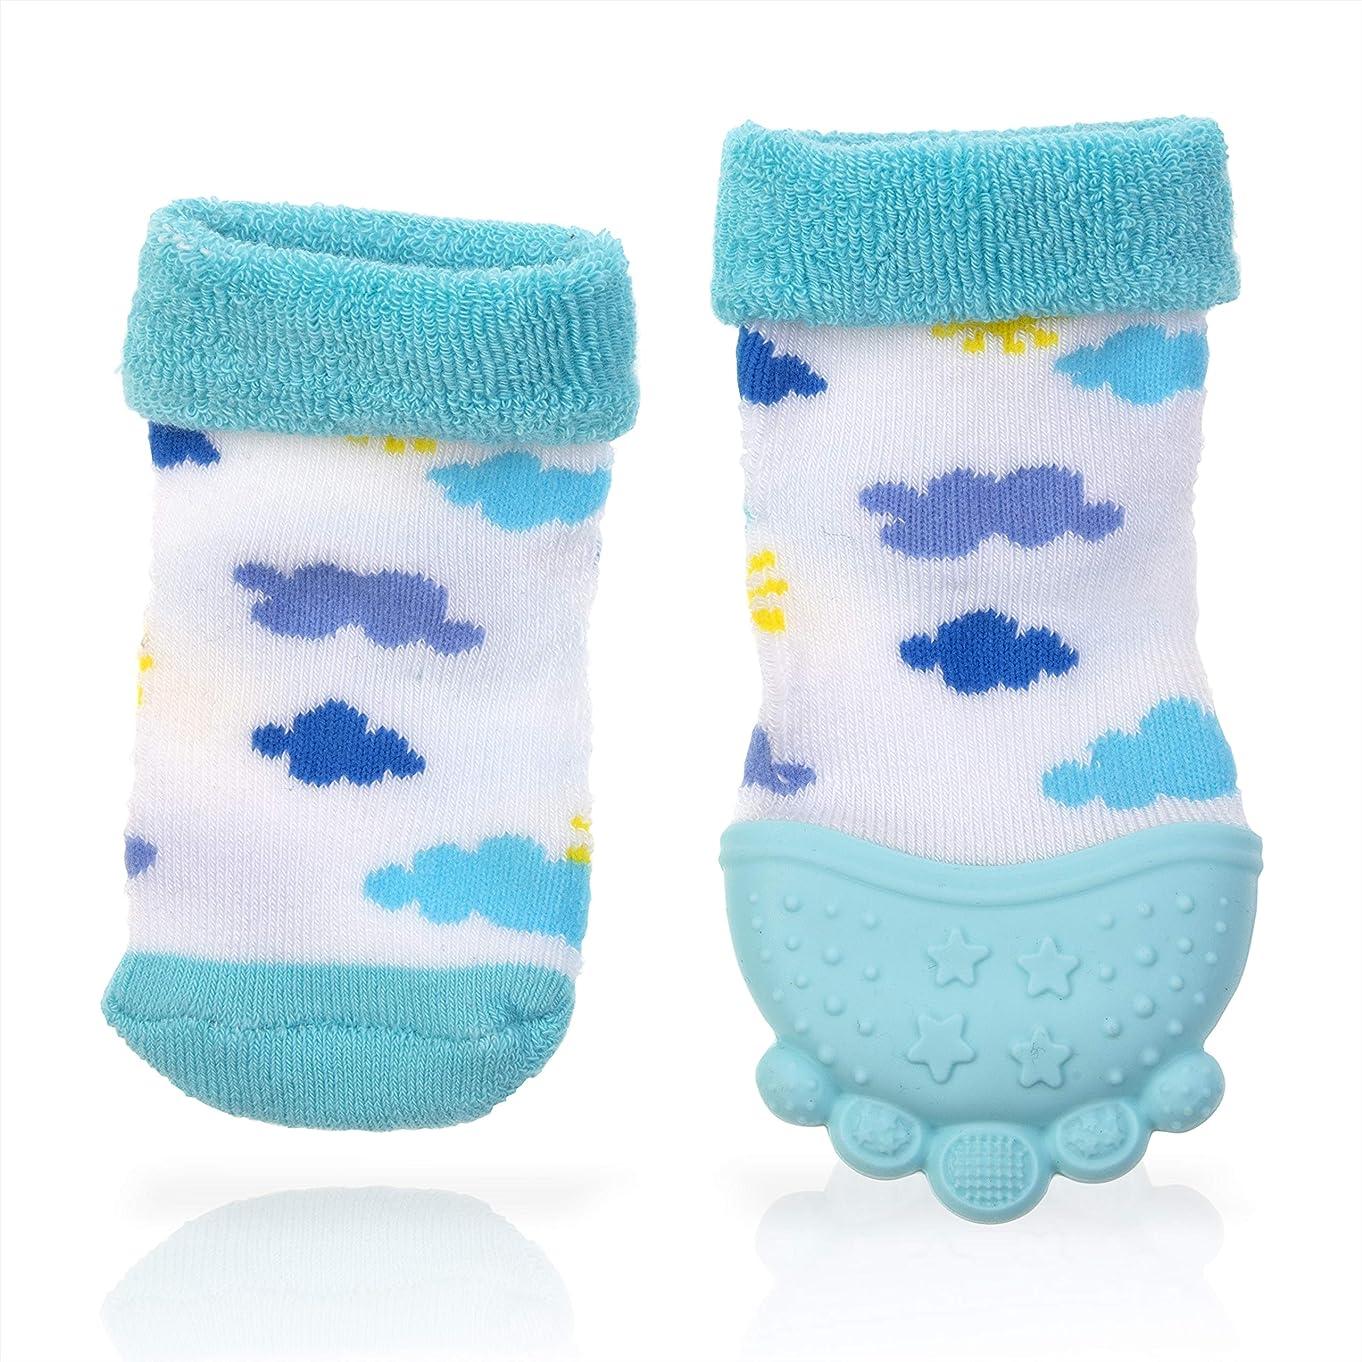 Nuby Soothing Teether Sock, Sky Blue Clouds